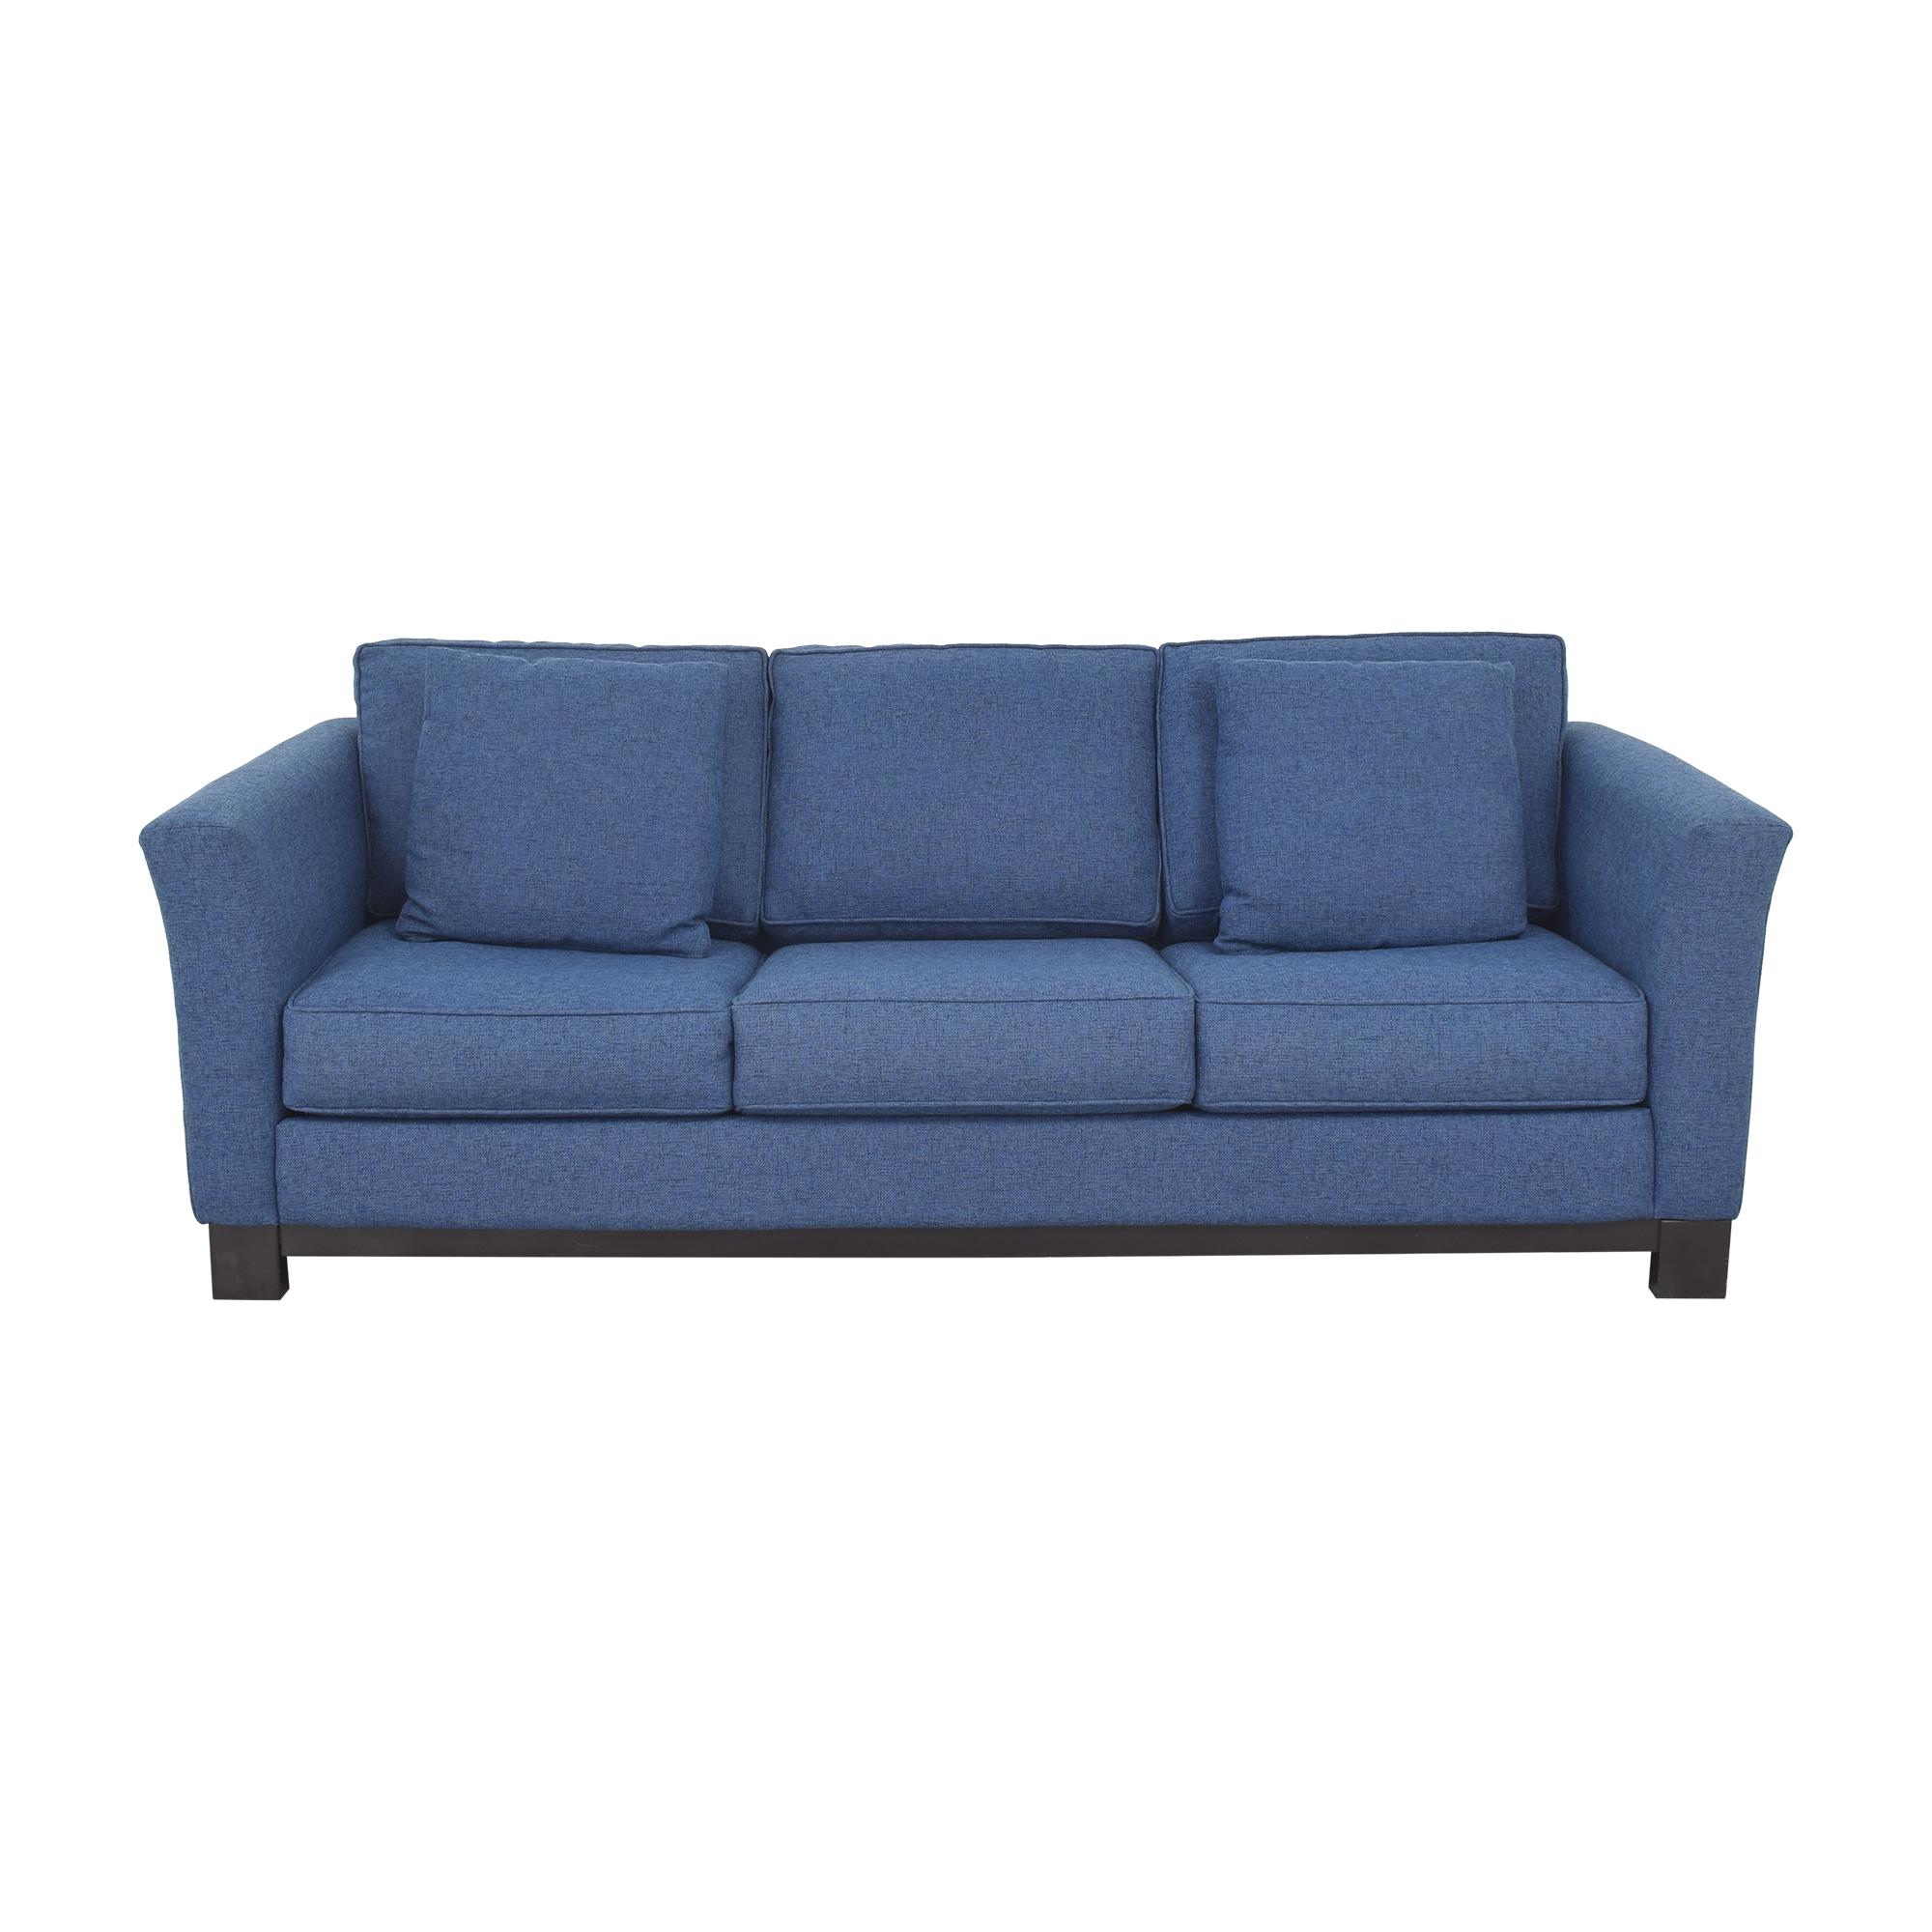 shop Macy's Macy's Radley Queen Sleeper Sofa online